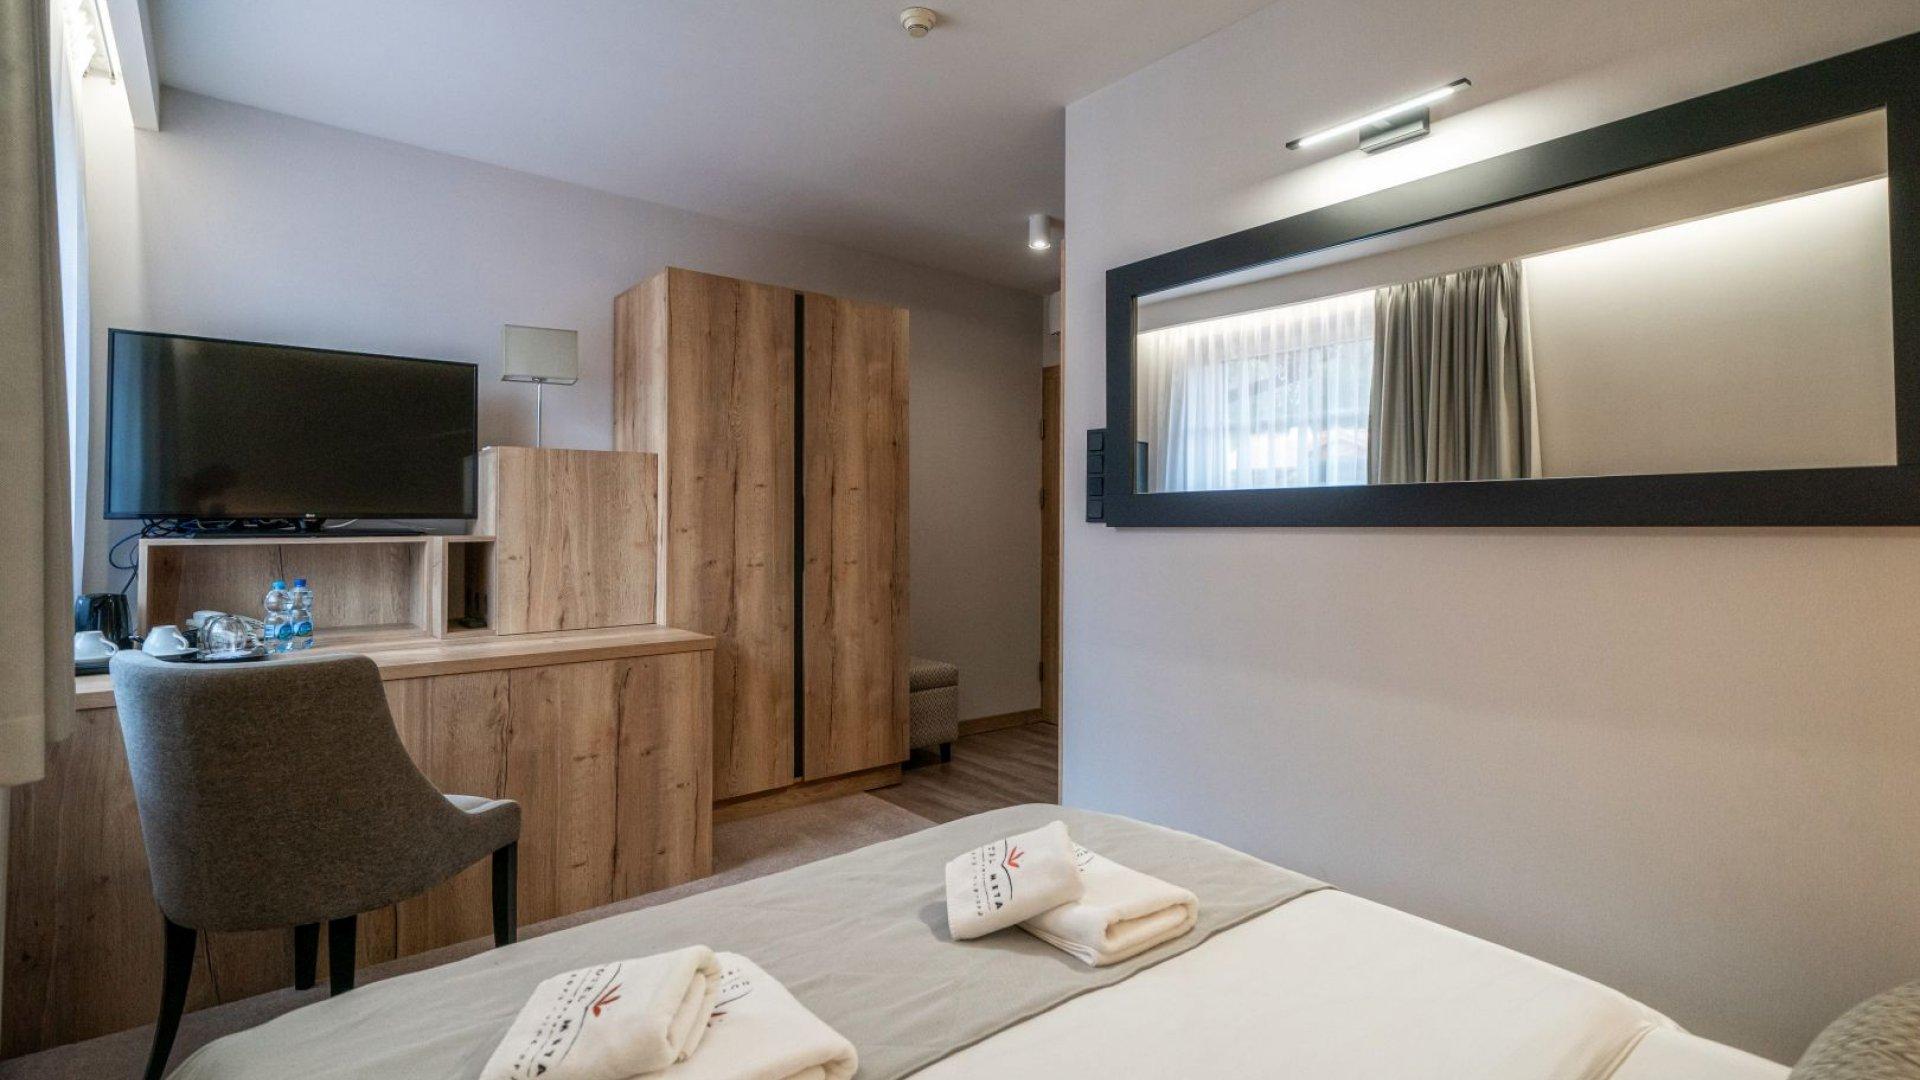 HOTEL META **** Pokój dwuosobowy standard